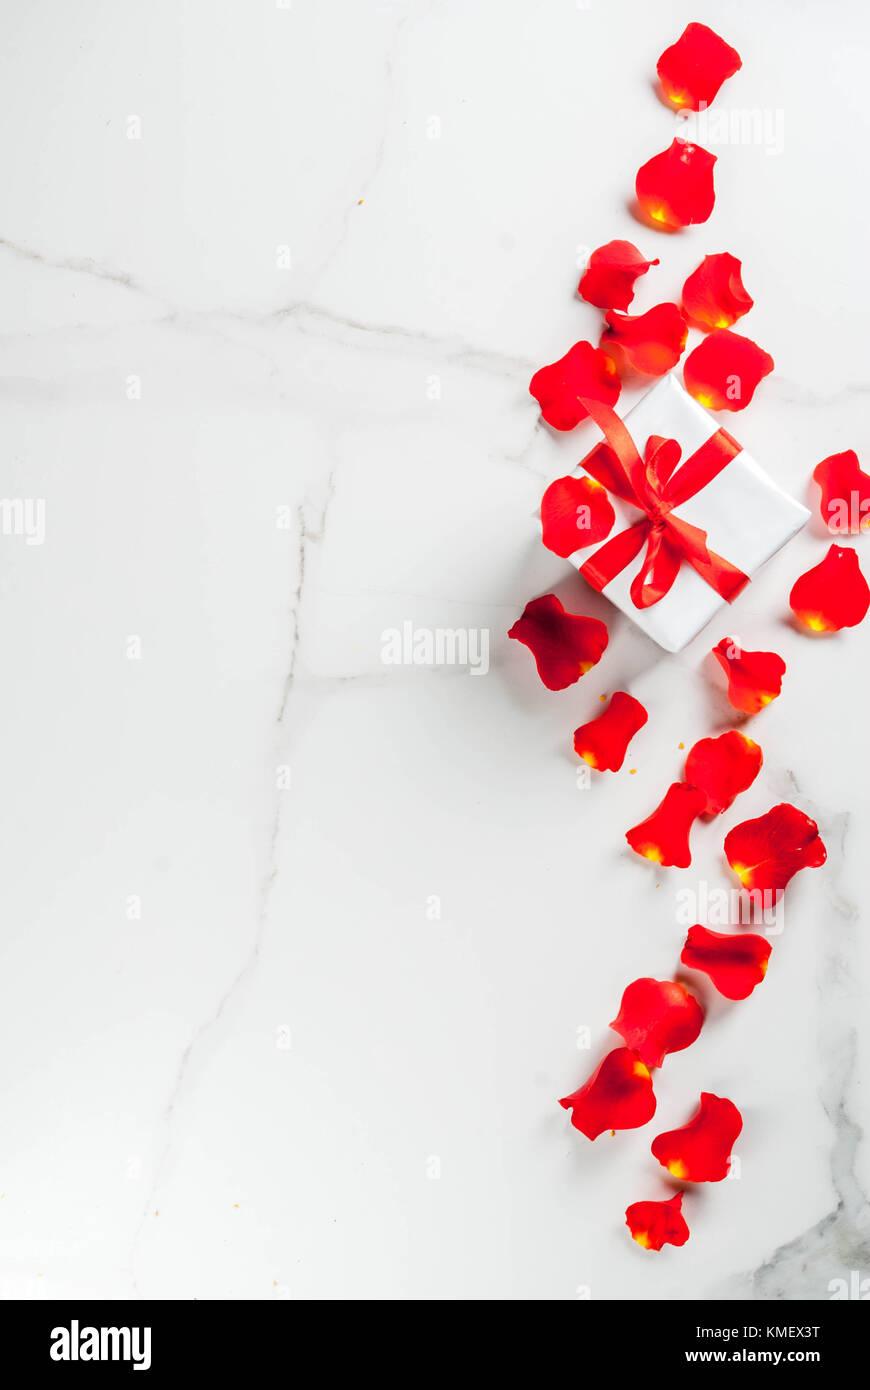 Il Giorno Di San Valentino Concetto Con Rosa Di Petali Di Fiori E